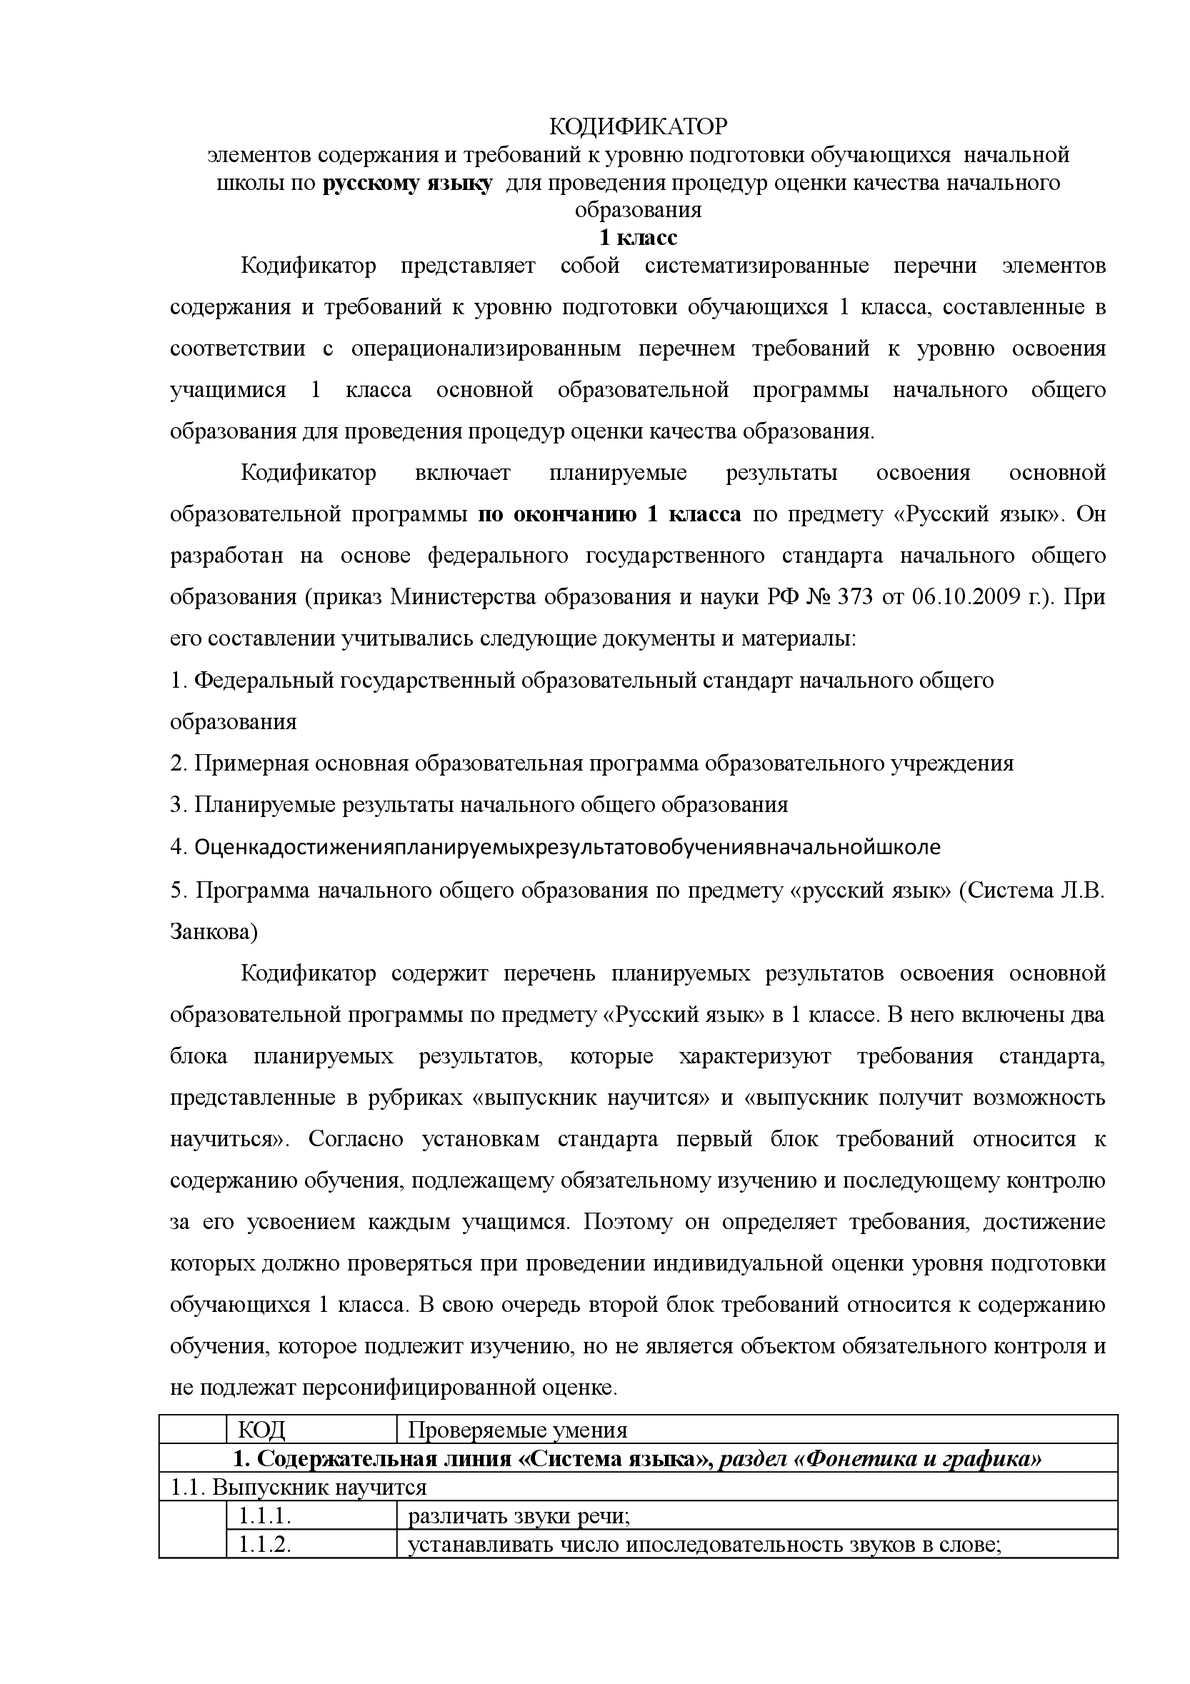 Кодификатор 1 класс